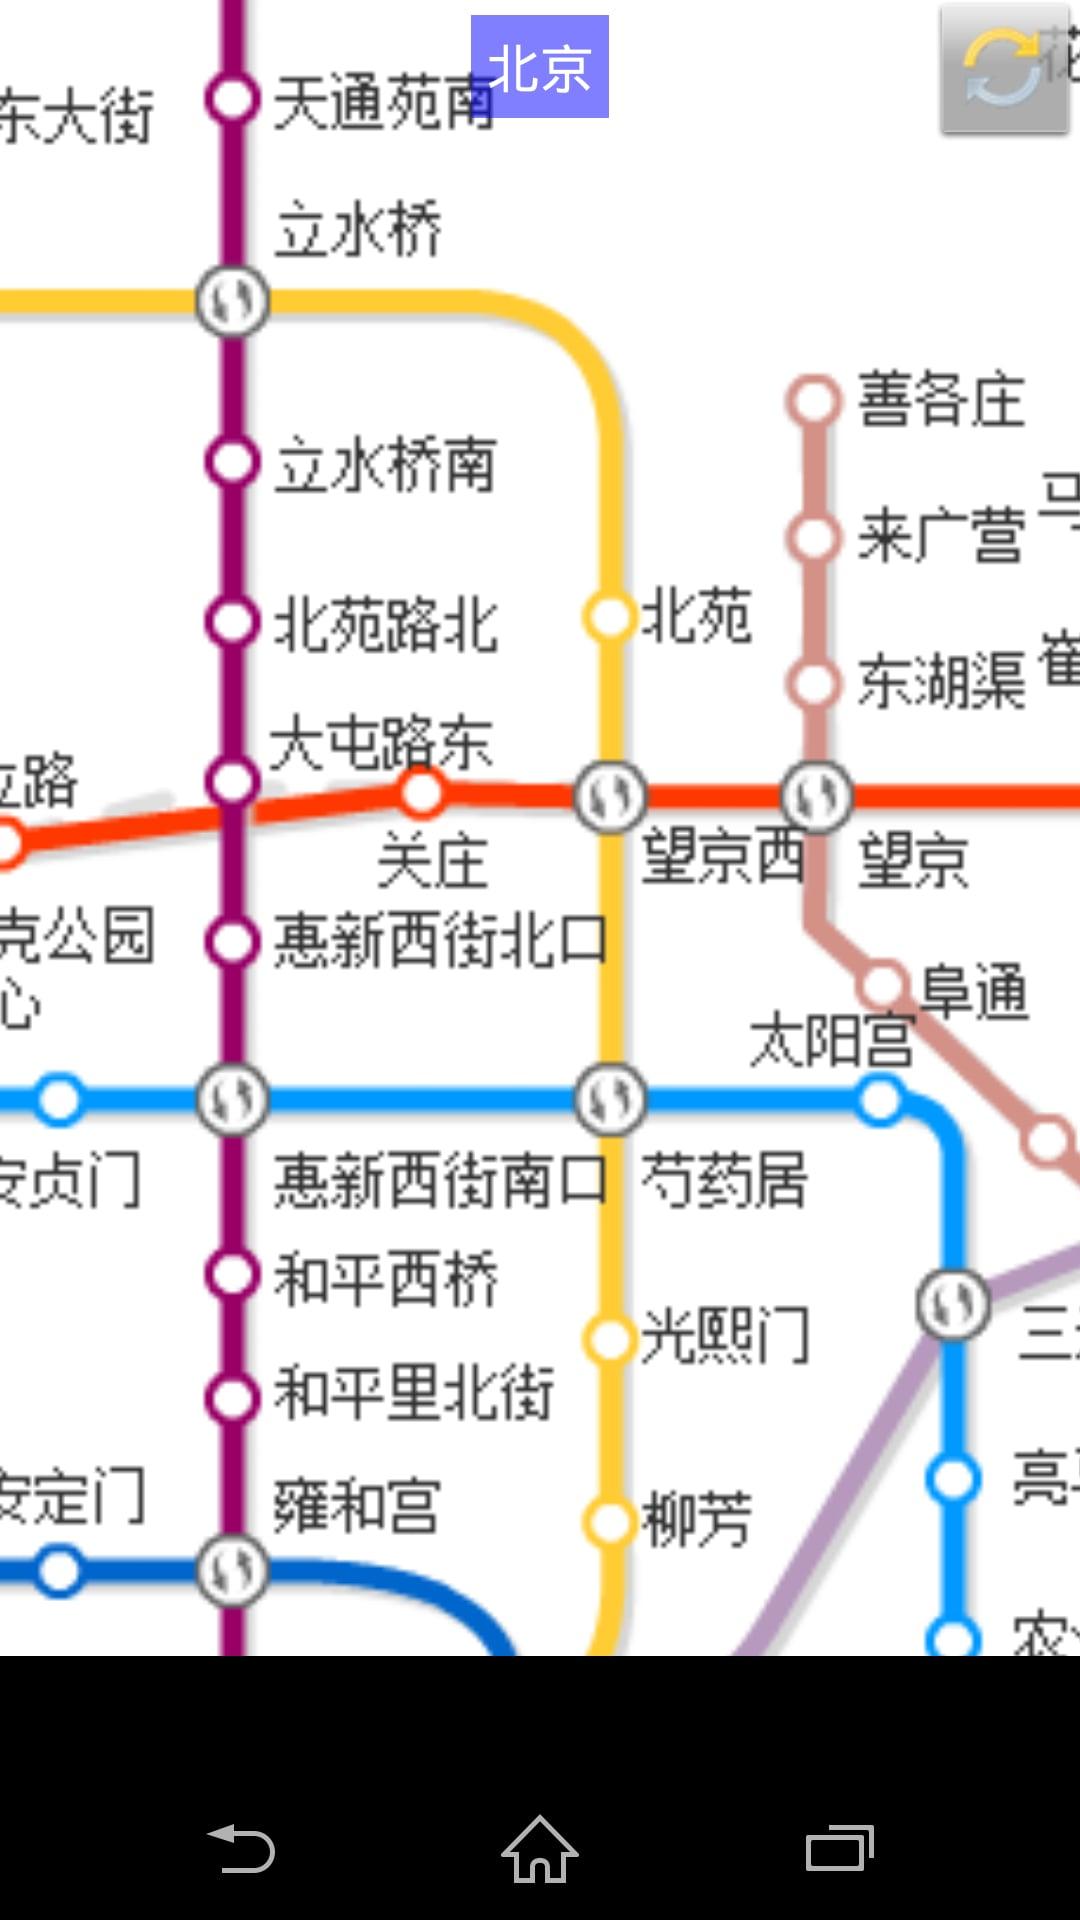 进入城市地铁地图,通过双指放大/缩小